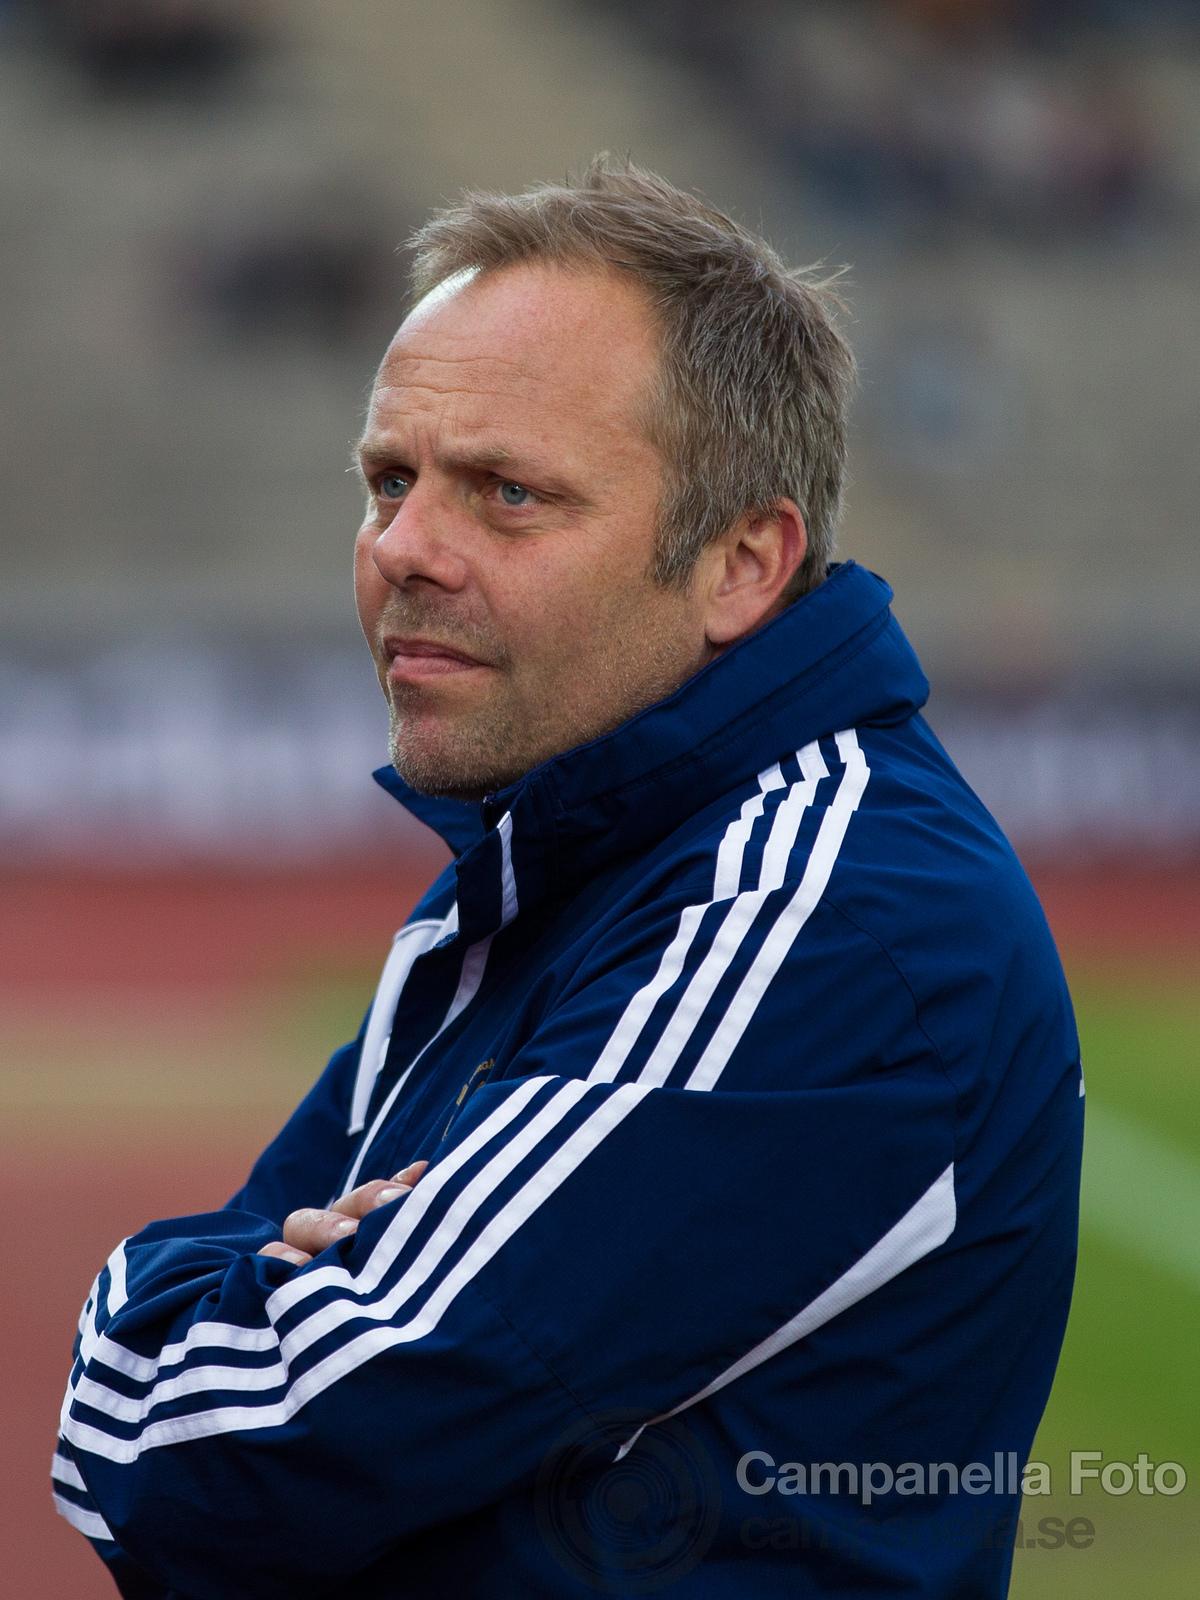 Djurgårdens IF - Syrianska FC - 2 of 9